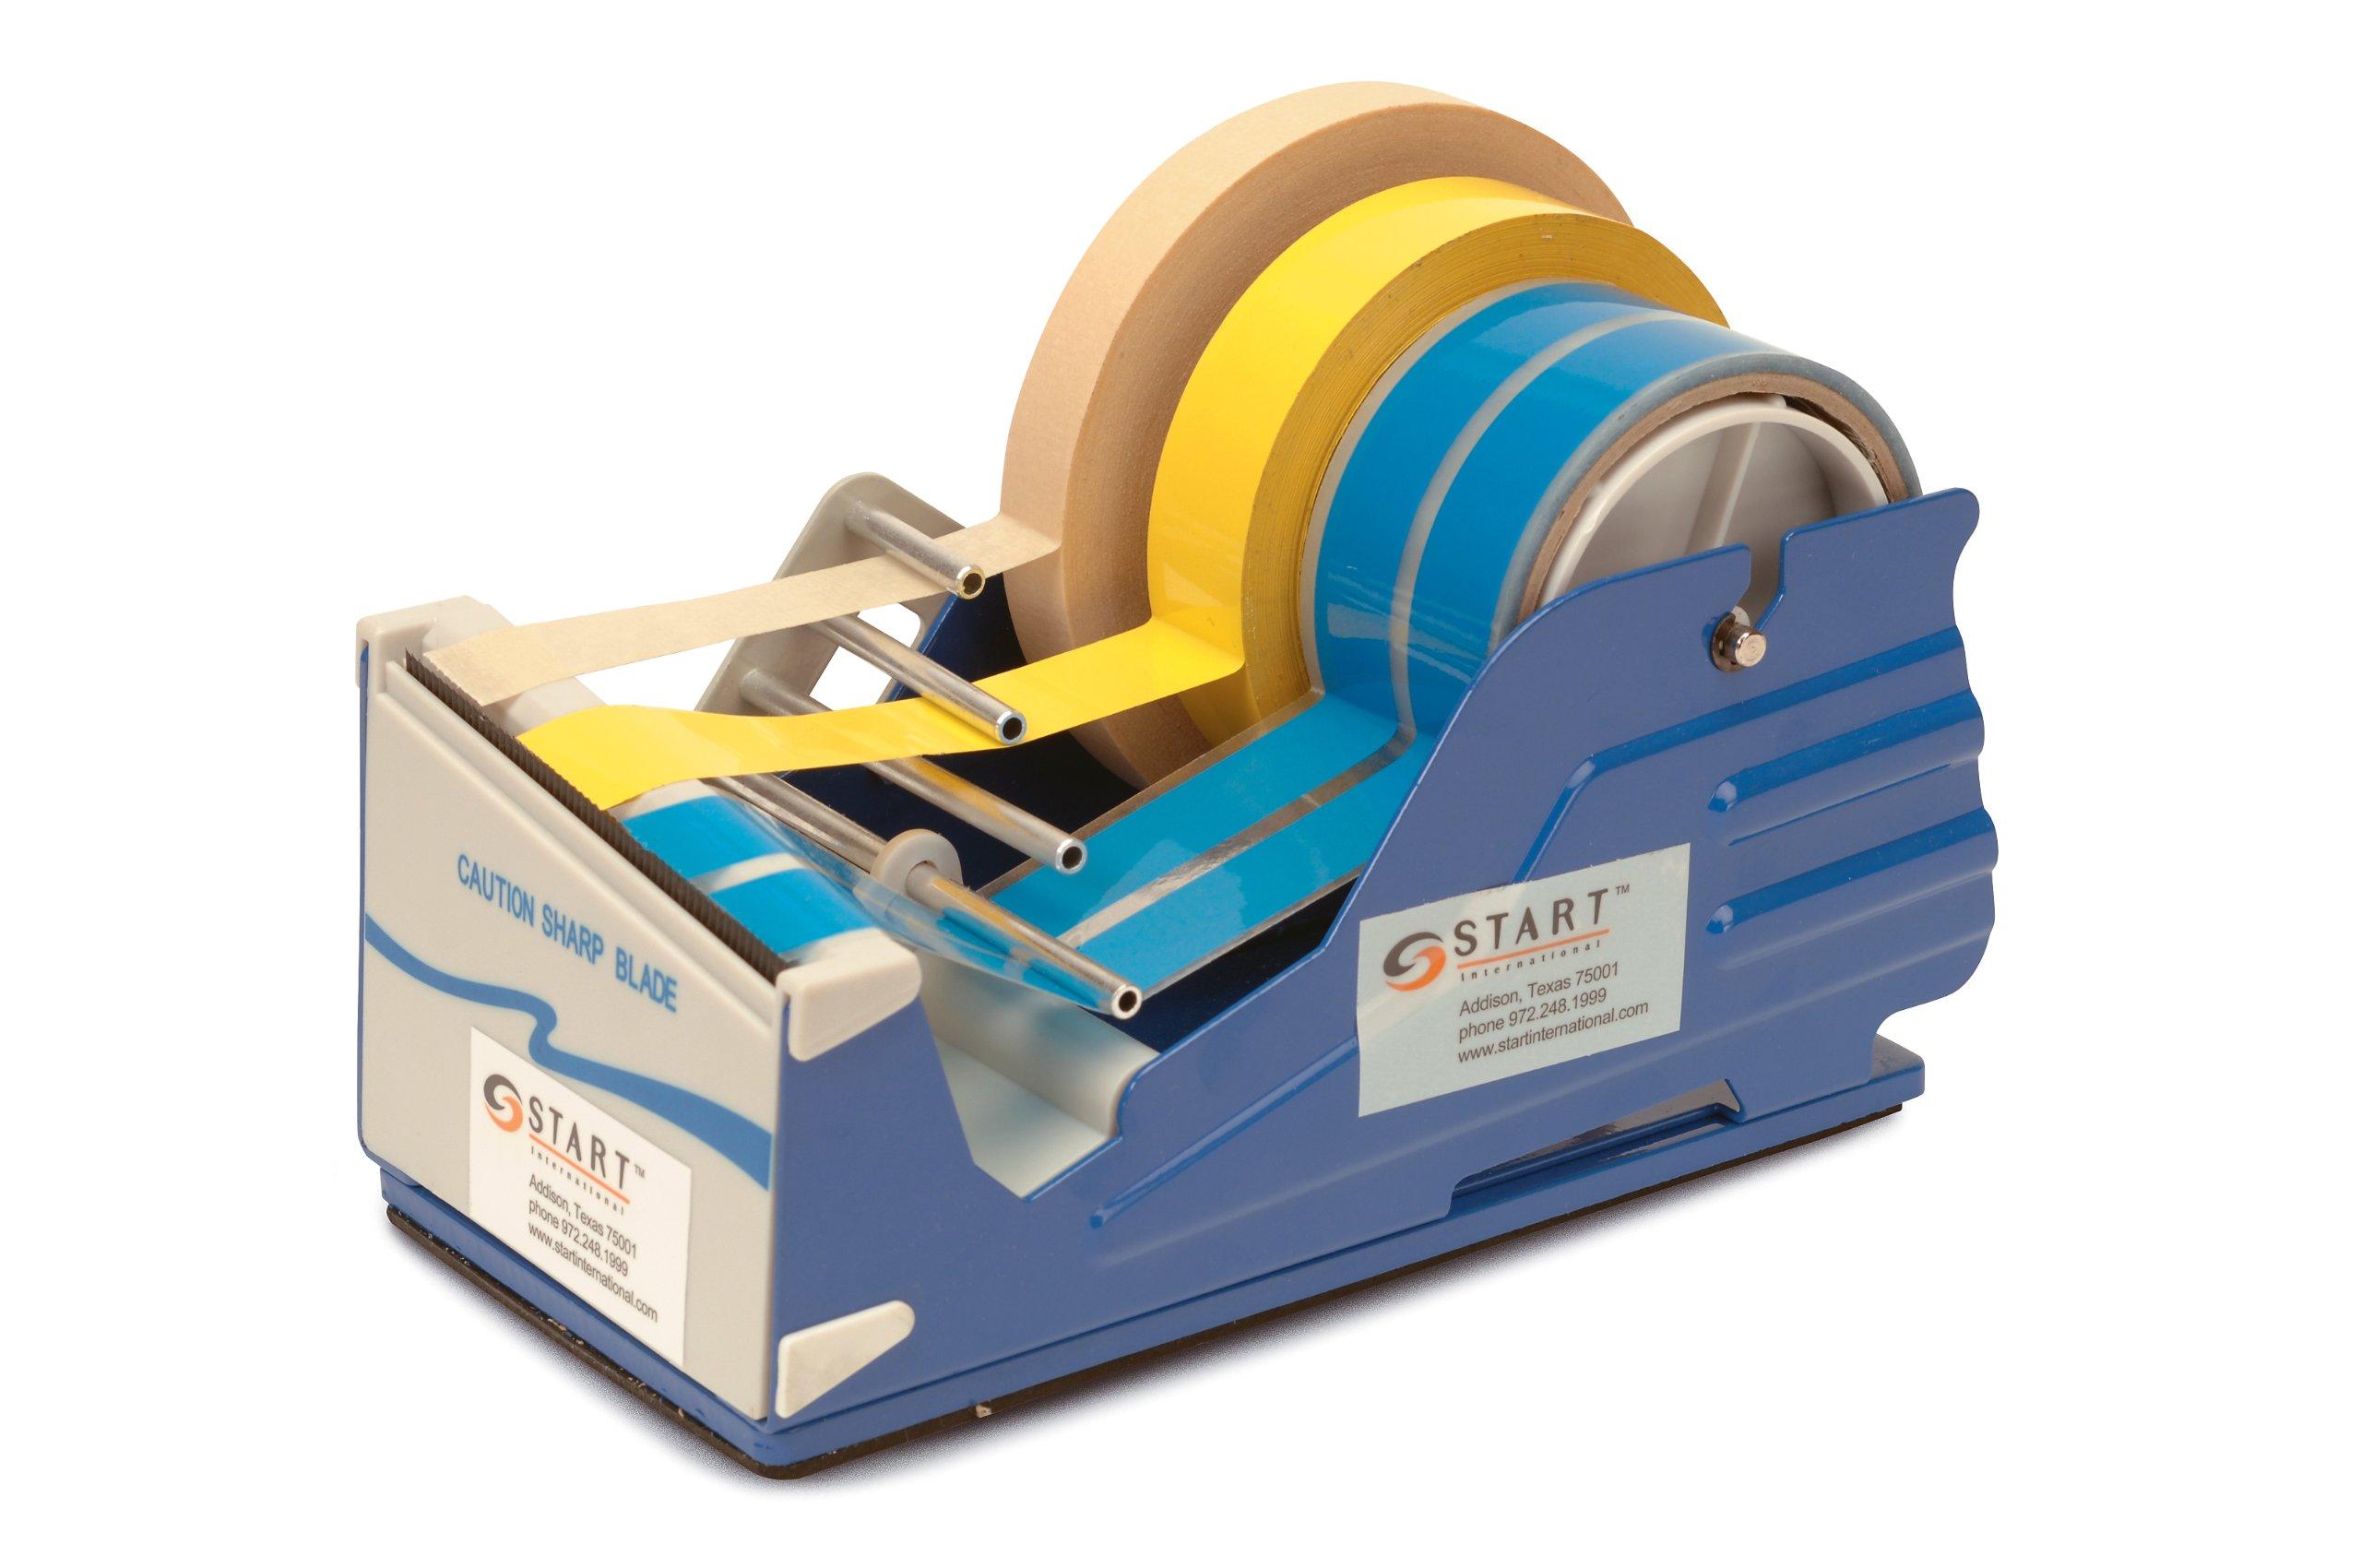 START International SL7346 Multi Roll Manual Tape Dispenser with Baked Enamel Finish, Case of 6